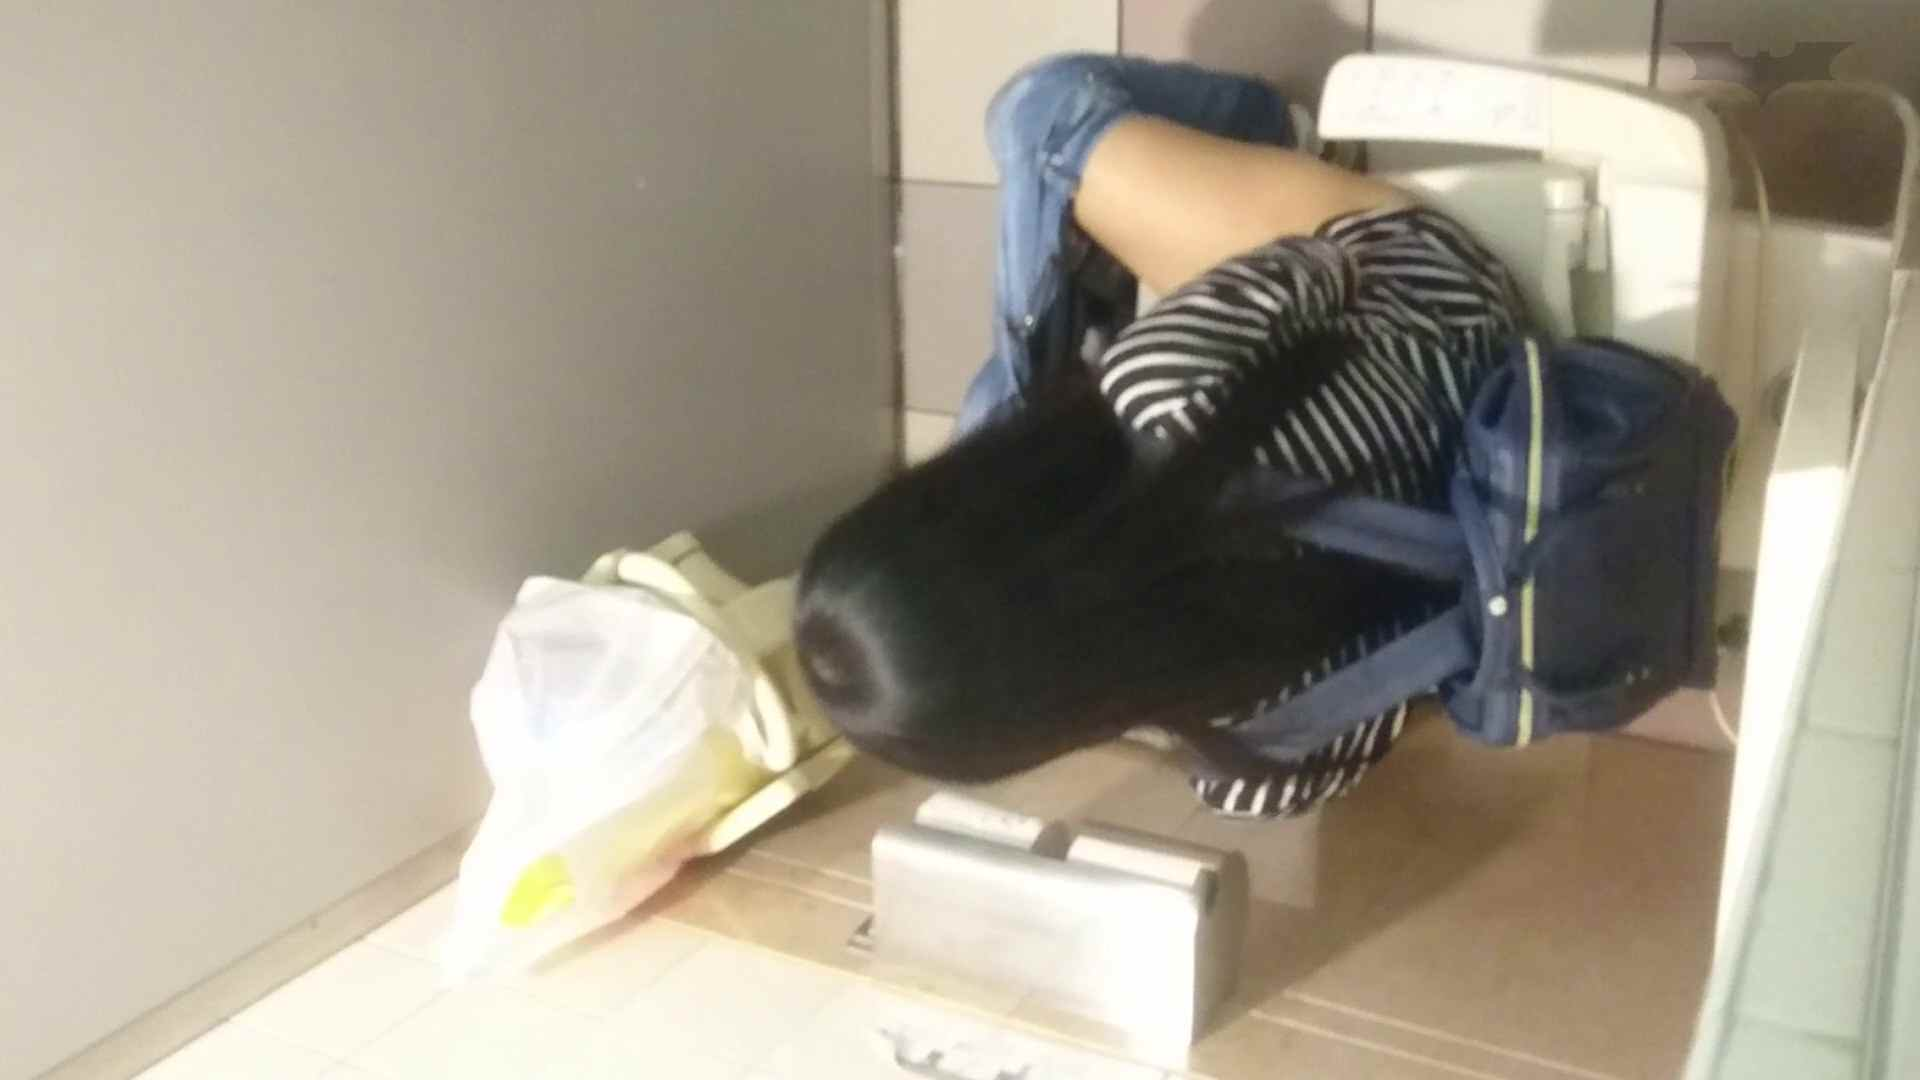 化粧室絵巻 ショッピングモール編 VOL.25 高評価 すけべAV動画紹介 94枚 71